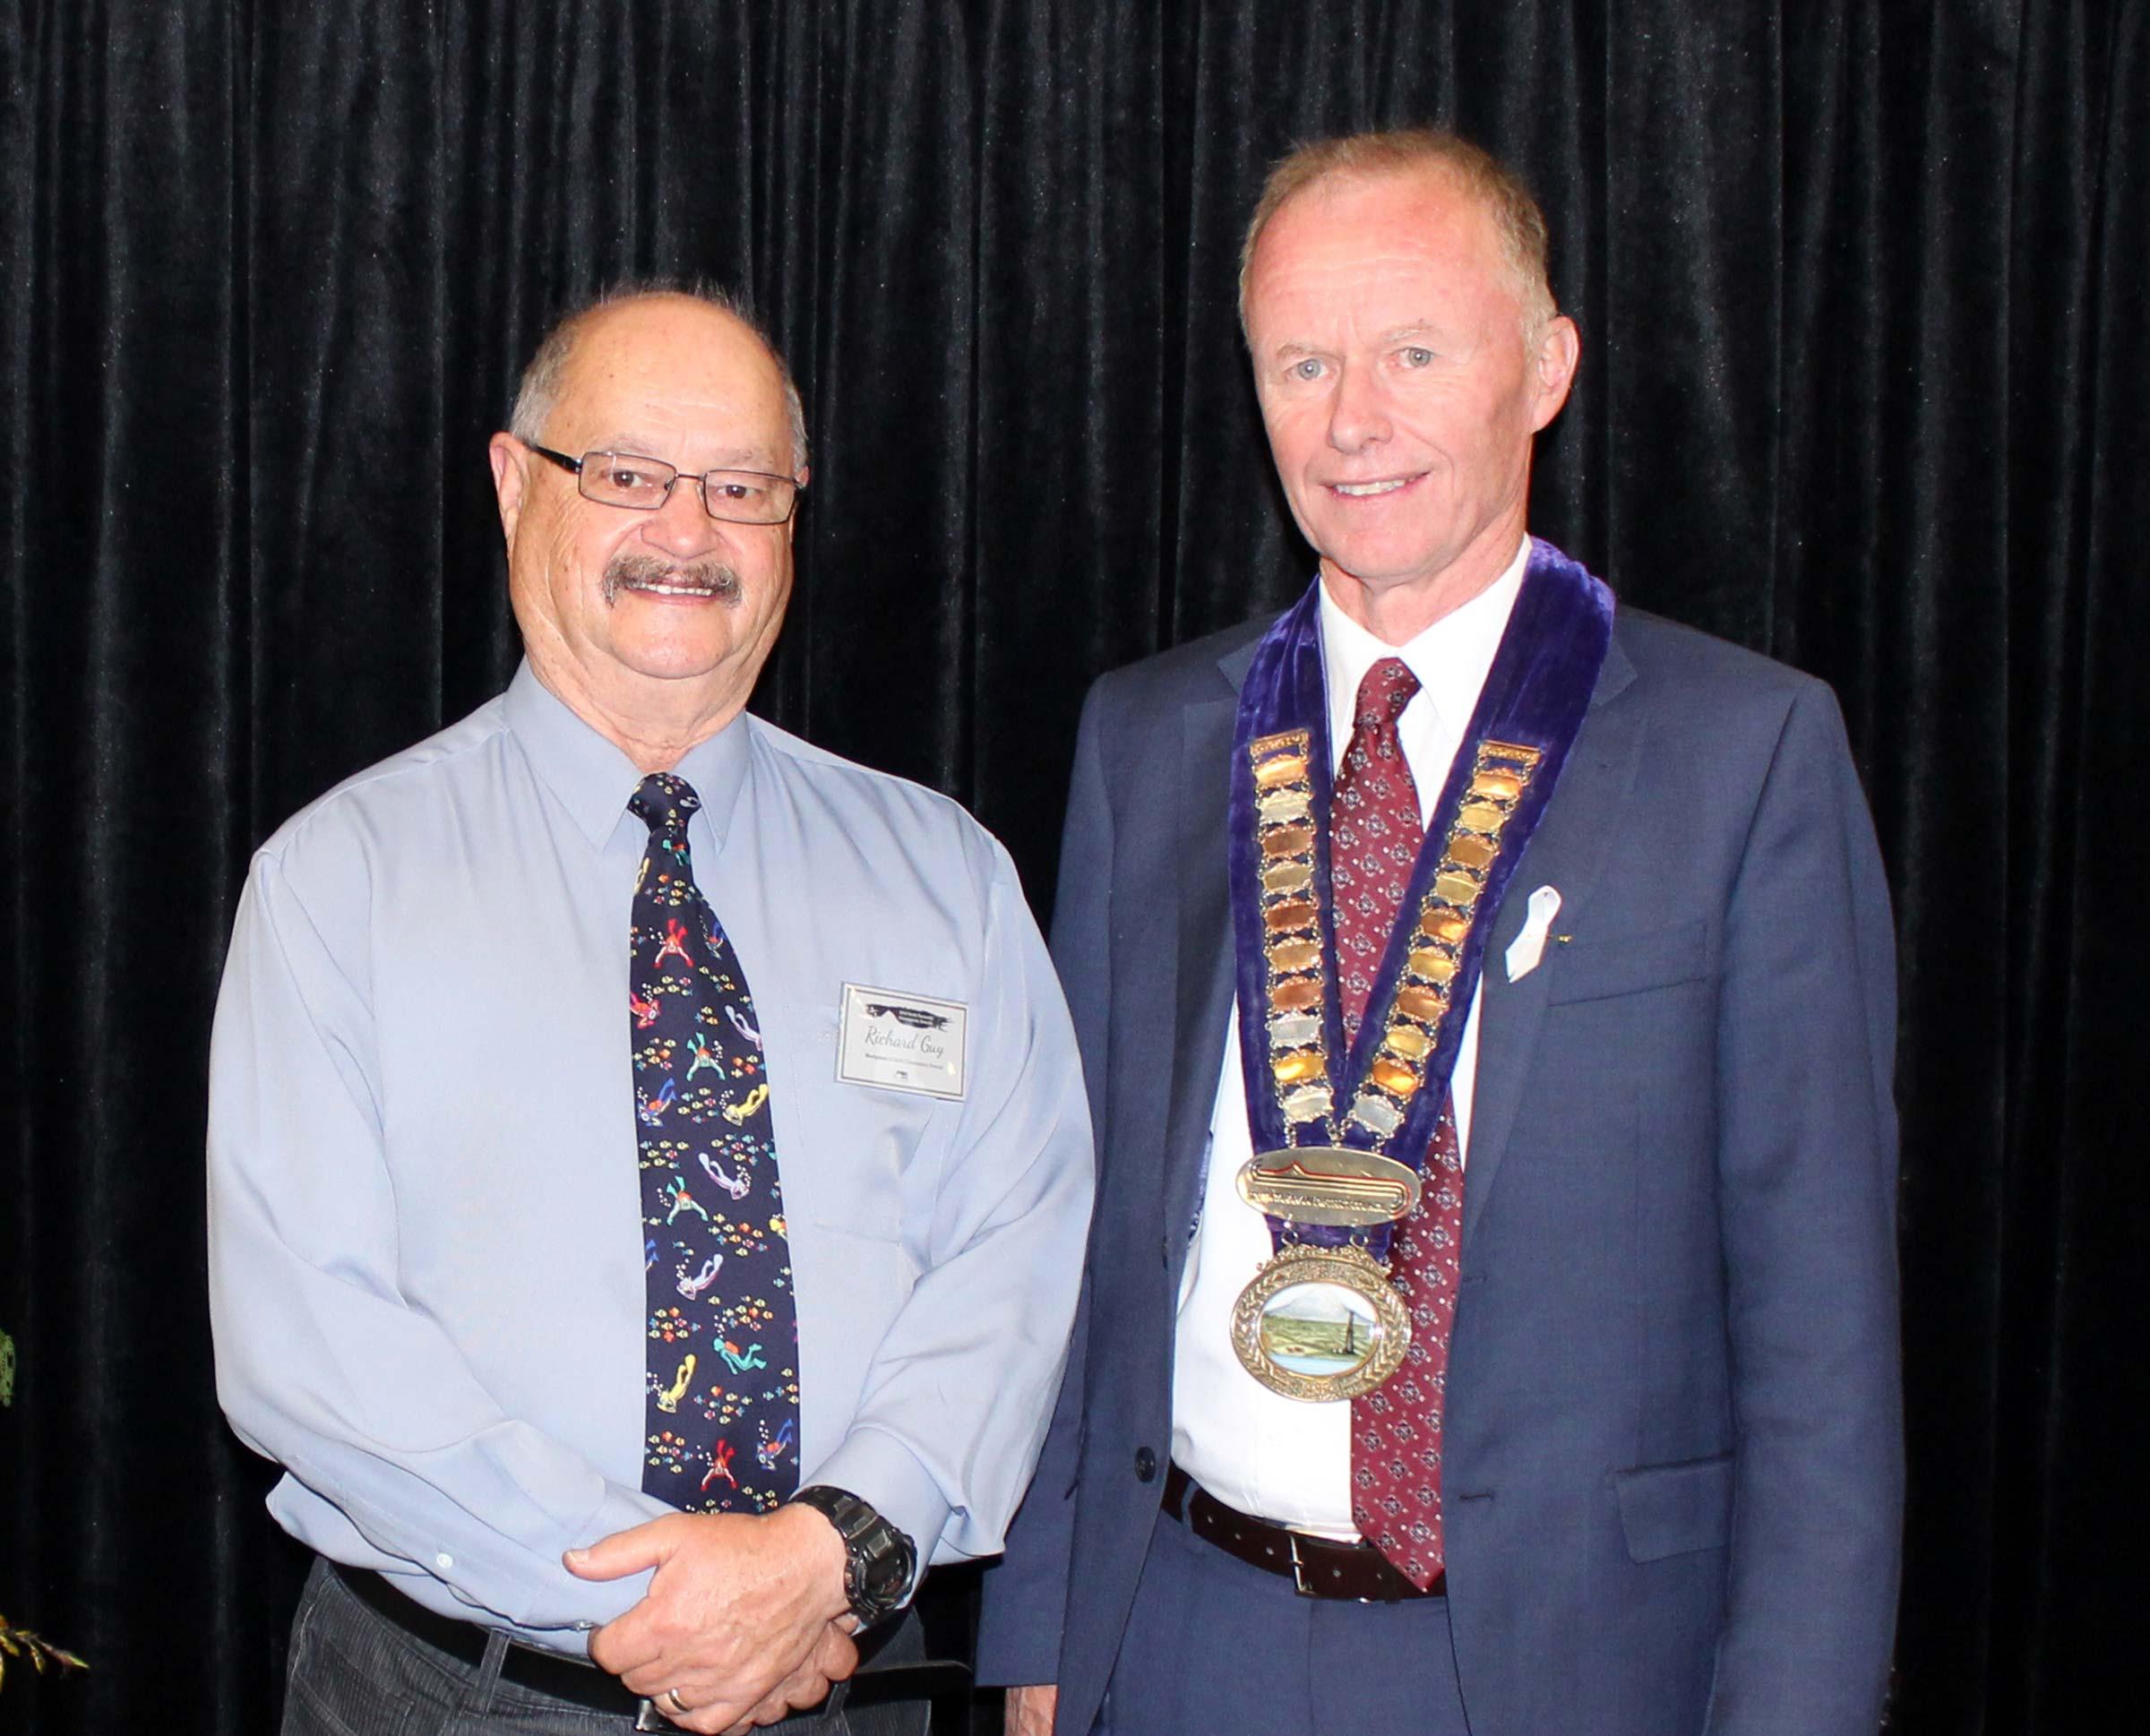 Project Reef Life's Richard Guy with the Mayor at the Taranaki Community Awards